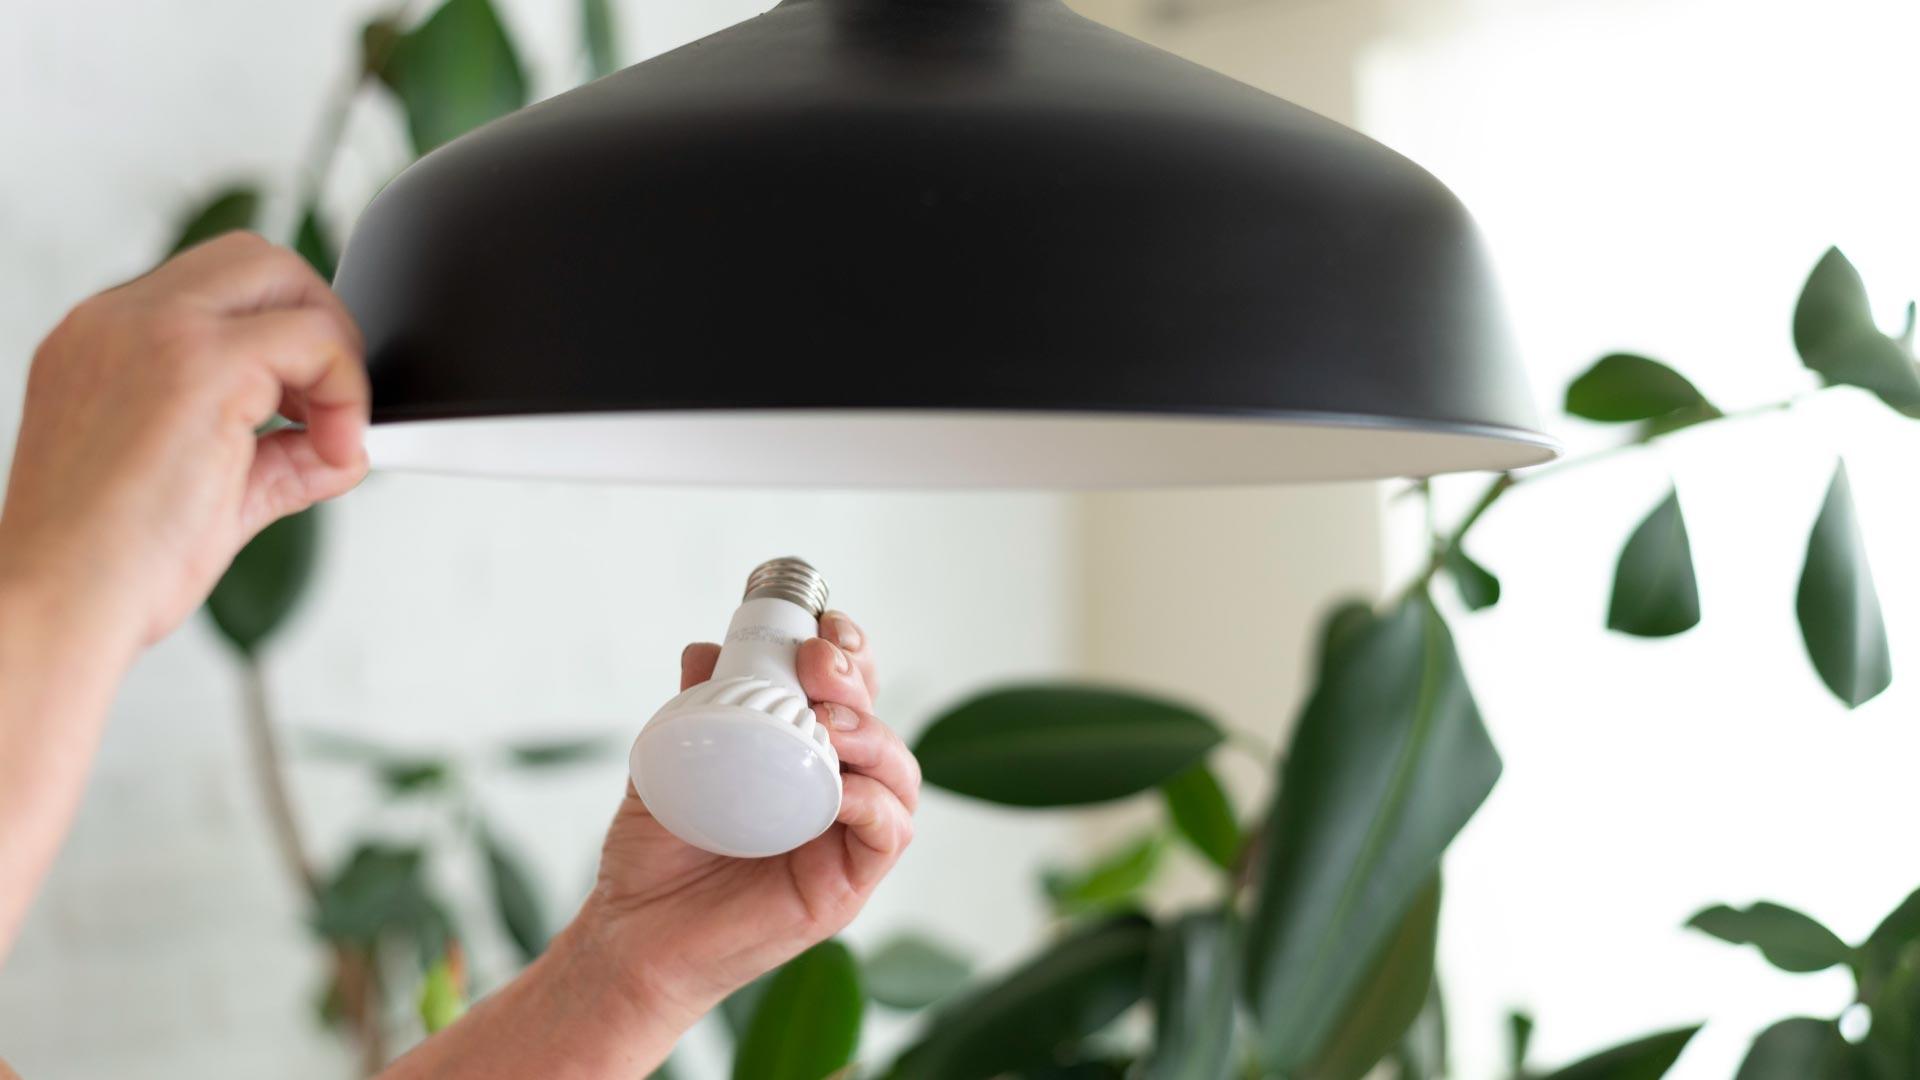 Cómo instalar lámparas LED en casa